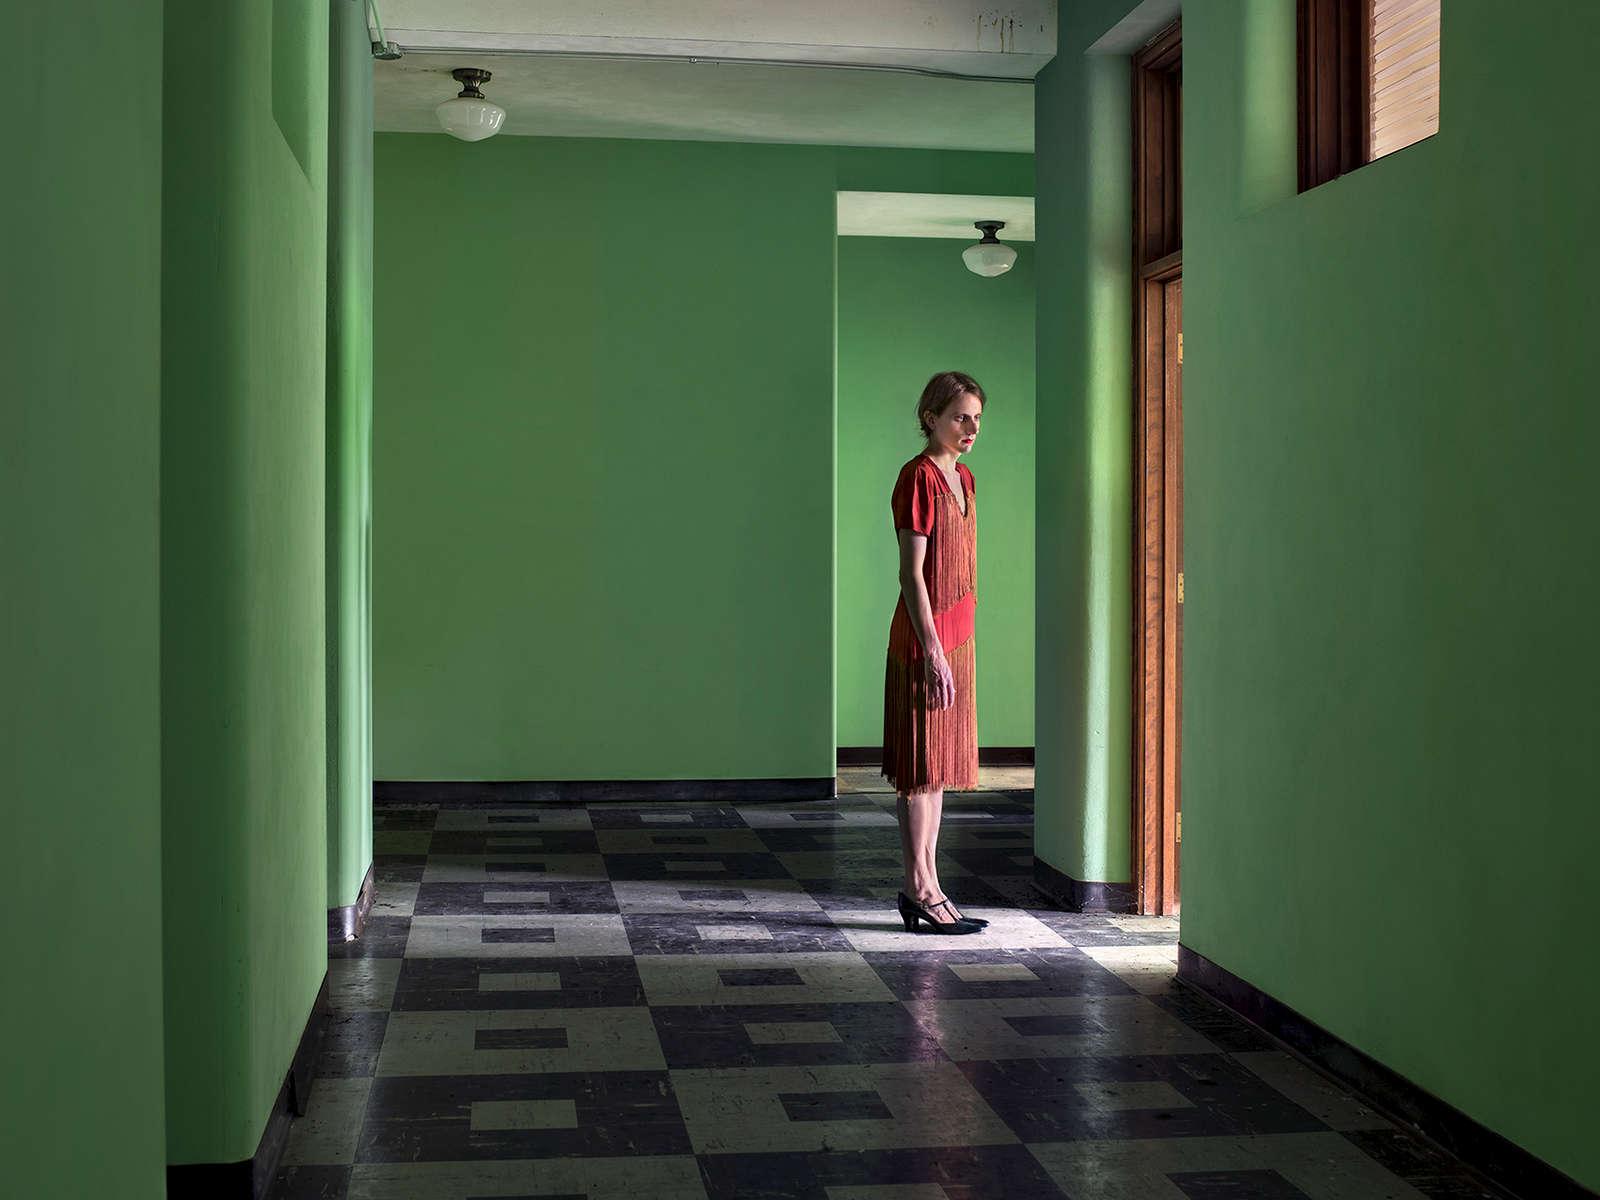 Green Corridor , 2017, archival pigment print, ©Lissa Rivera/courtesy of ClampArt, New York City